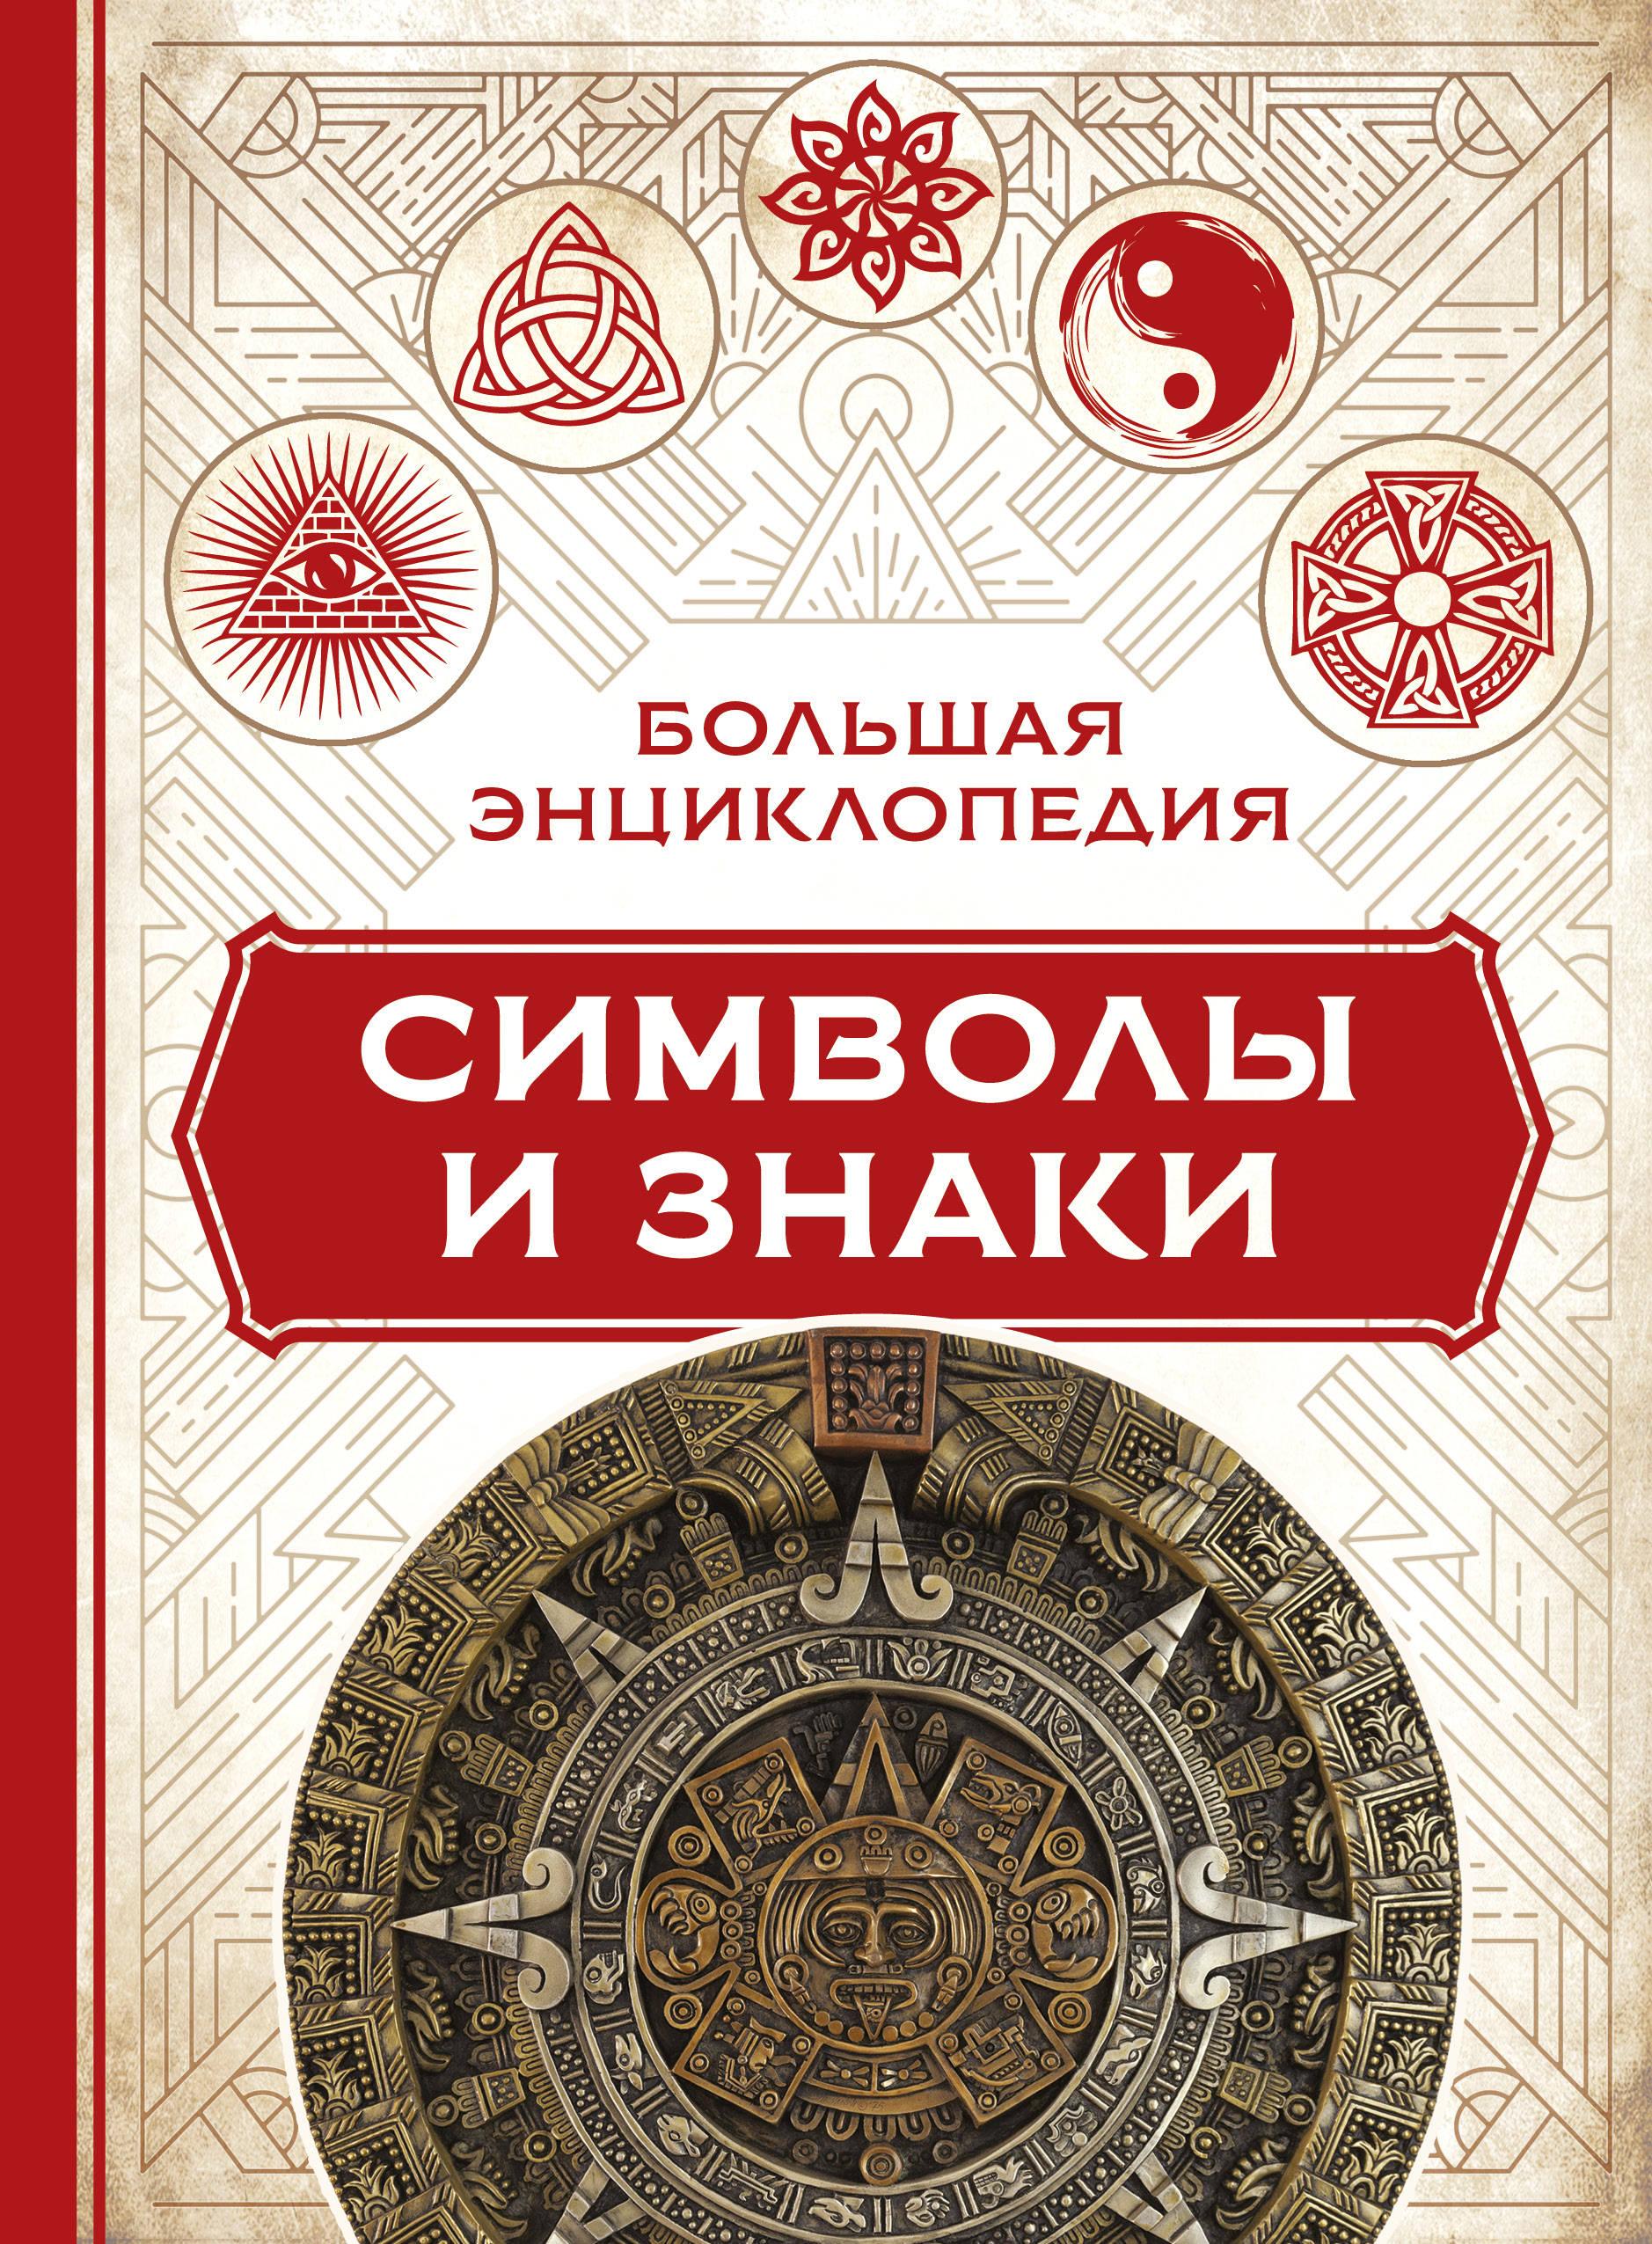 Клэр Краузе Большая энциклопедия символы и знаки